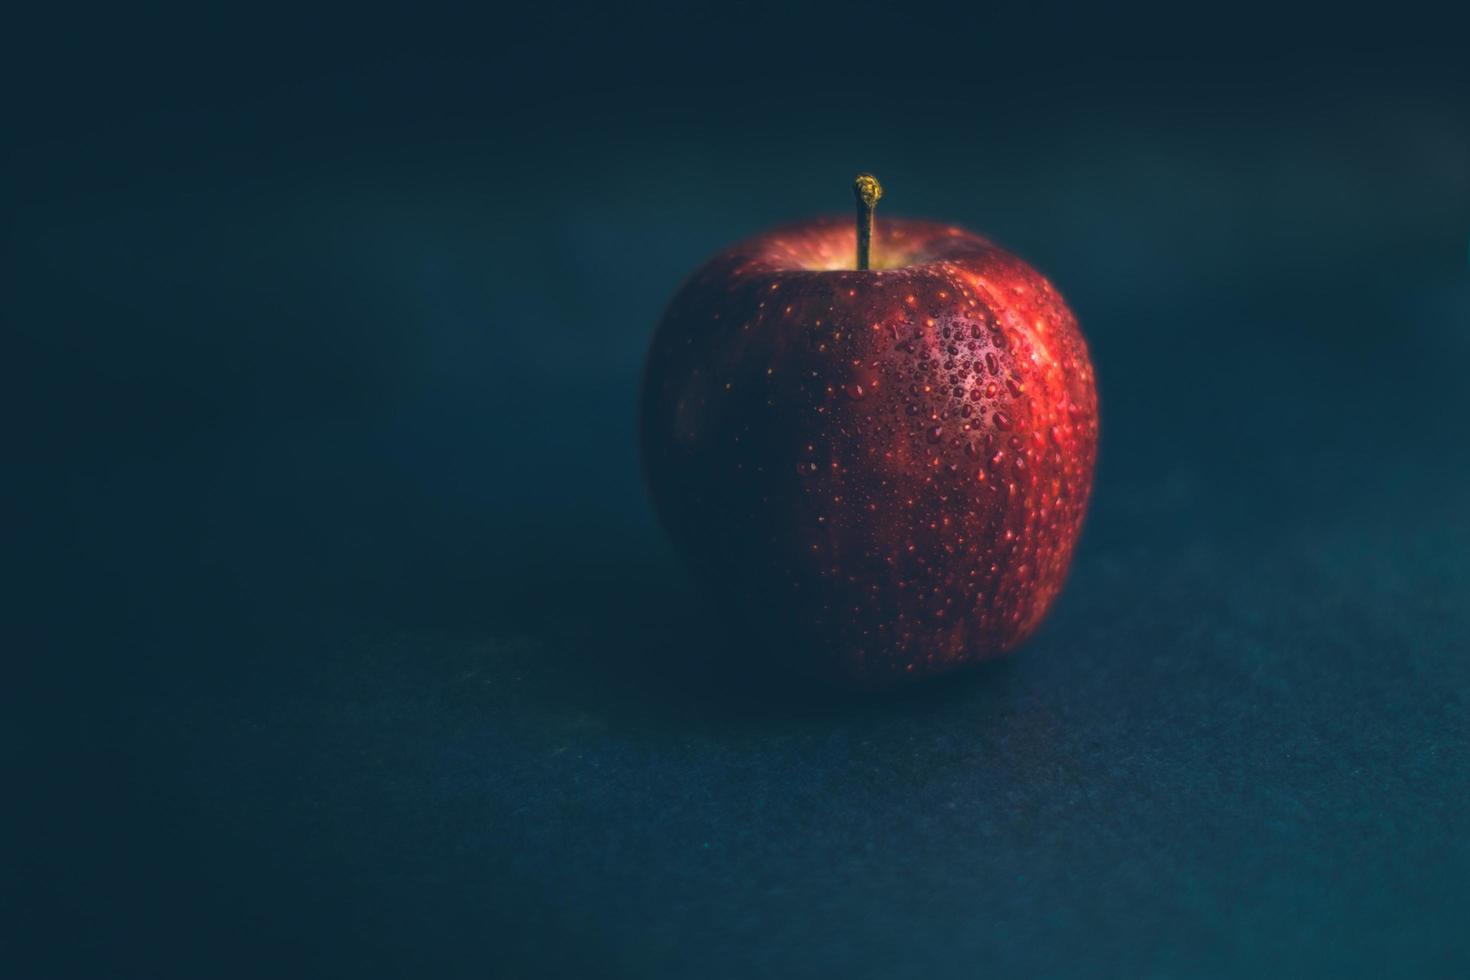 maçã vermelha em fundo escuro foto